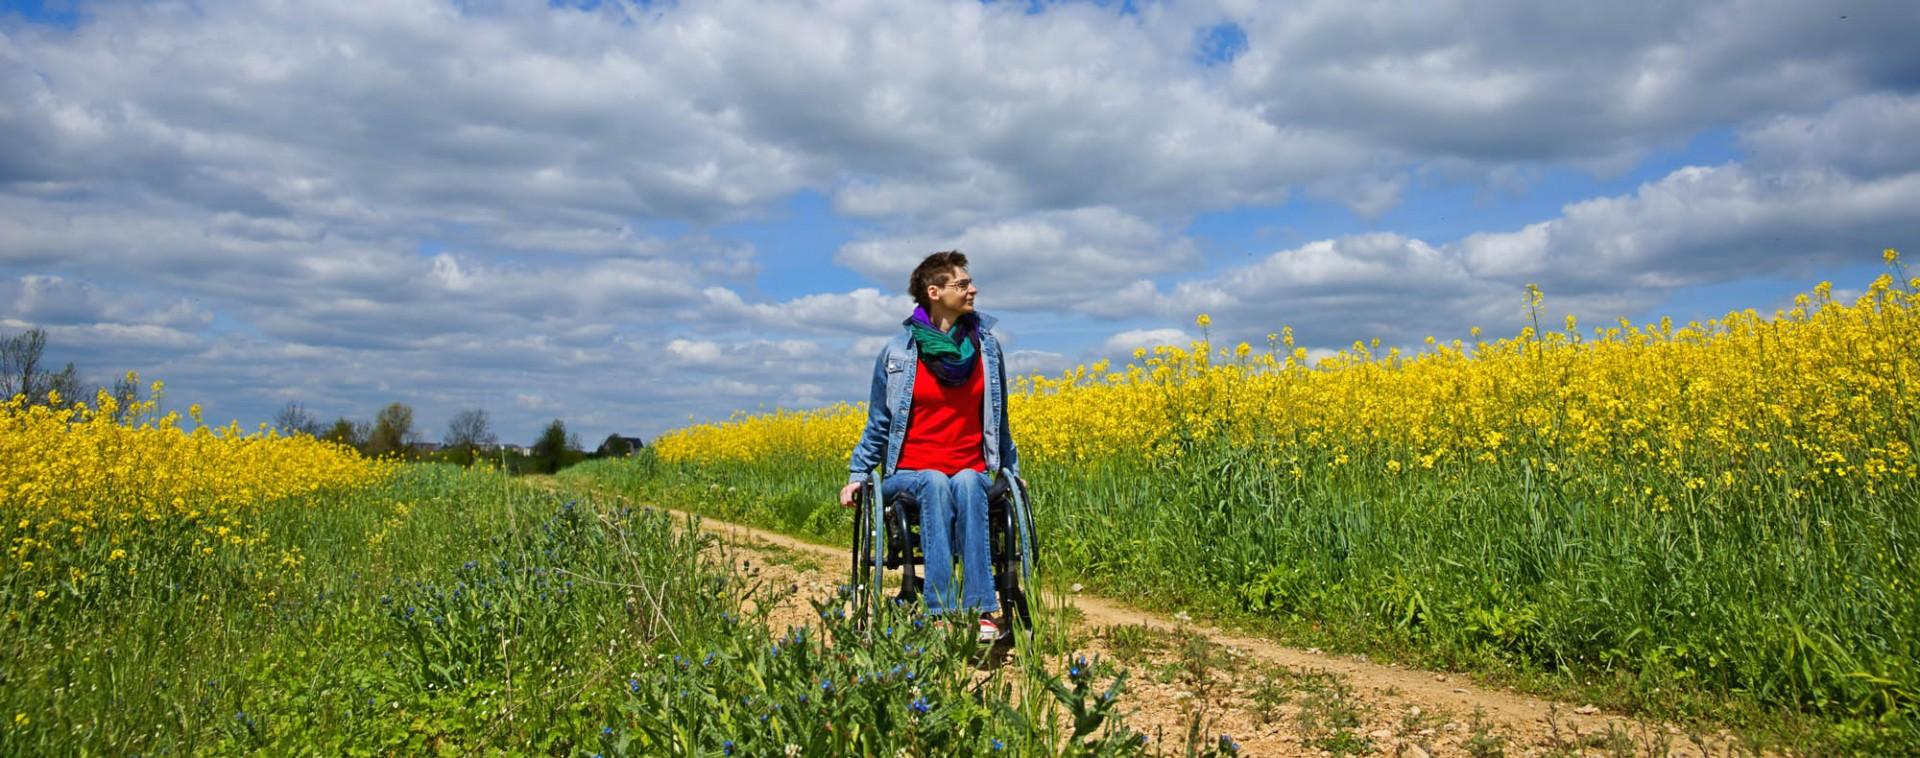 Promenades accessibles aux personnes à mobilité réduite | © ThinkstockPhotos